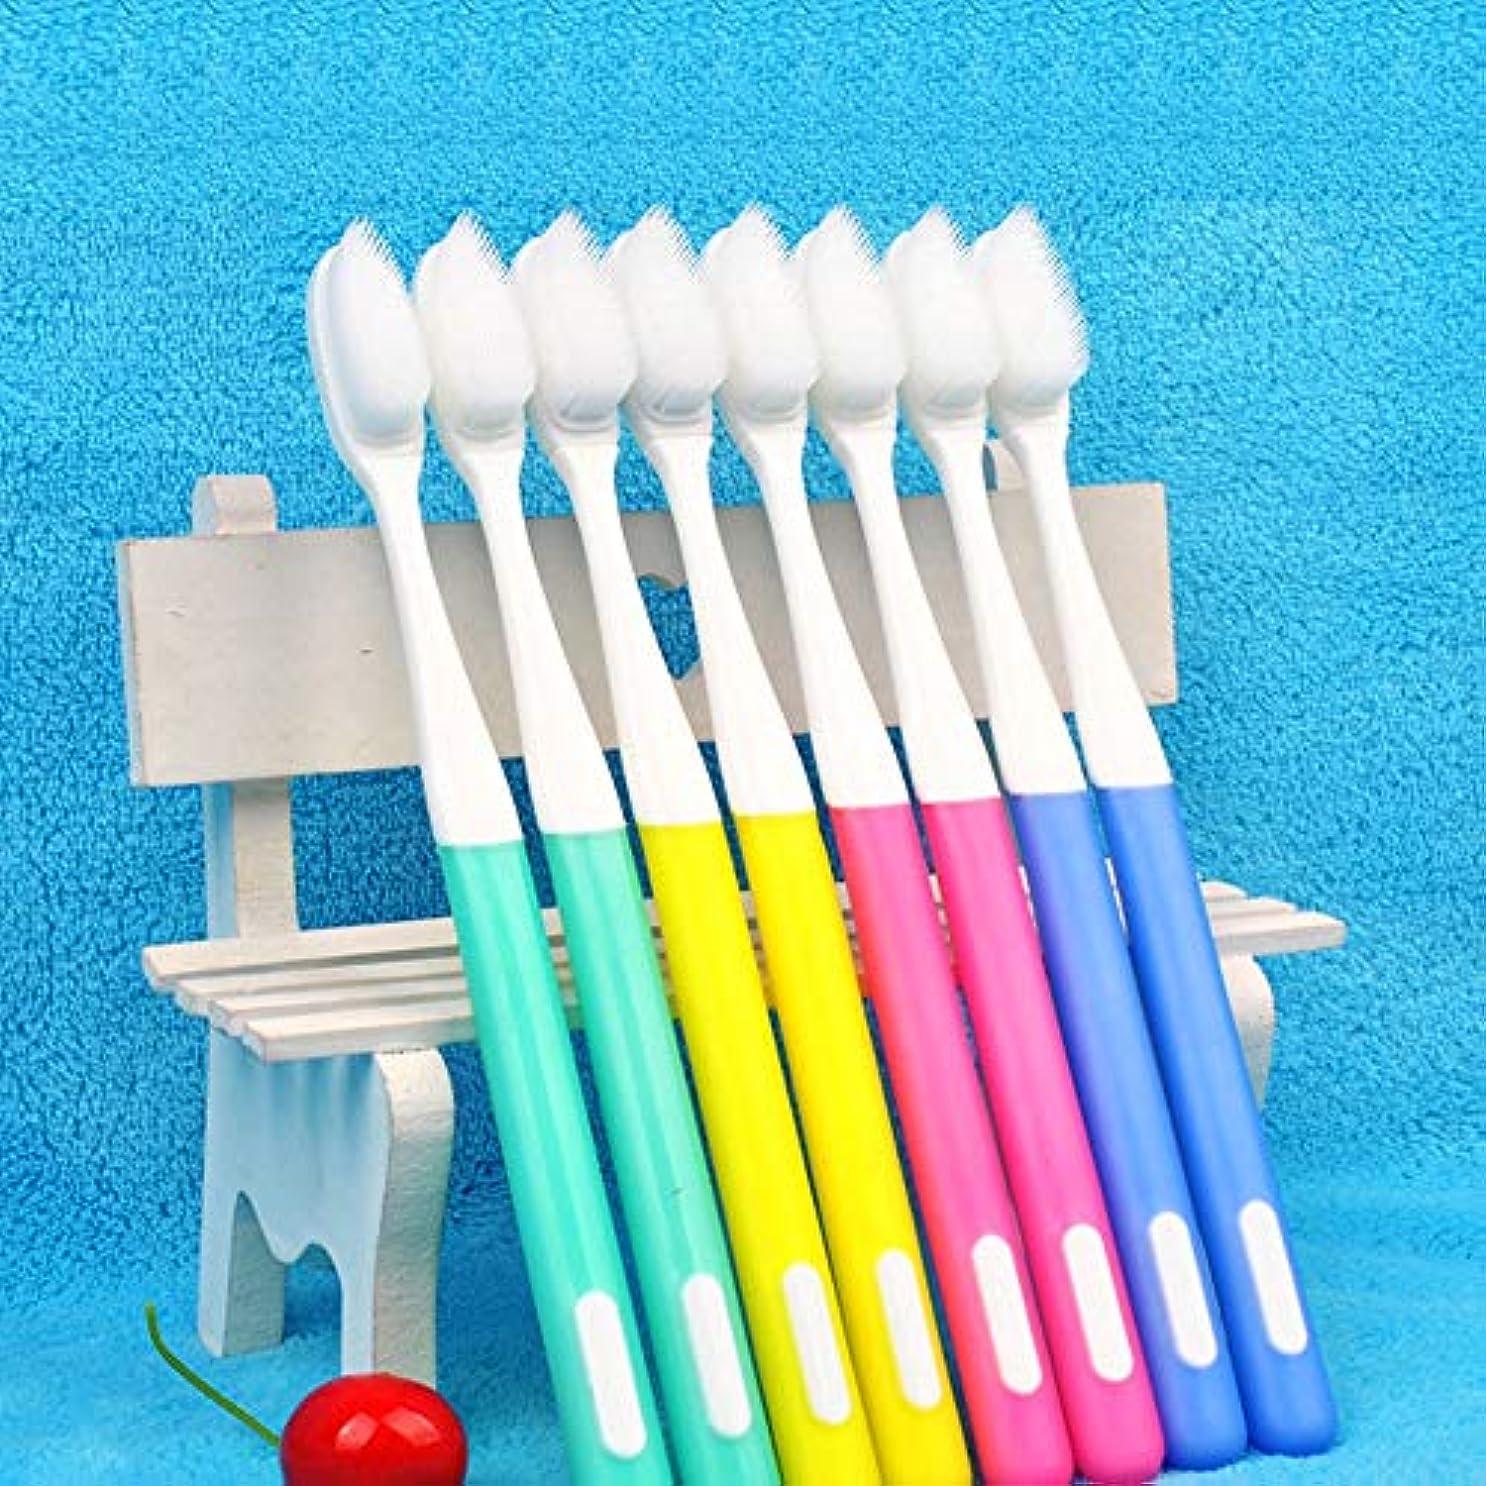 感じる性格息子歯ブラシ 10パック柔らかい歯ブラシ、ナノ大人歯ブラシ、環境にやさしいシリコン歯ブラシを - 利用可能な2つのスタイル KHL (色 : B, サイズ : 10 packs)